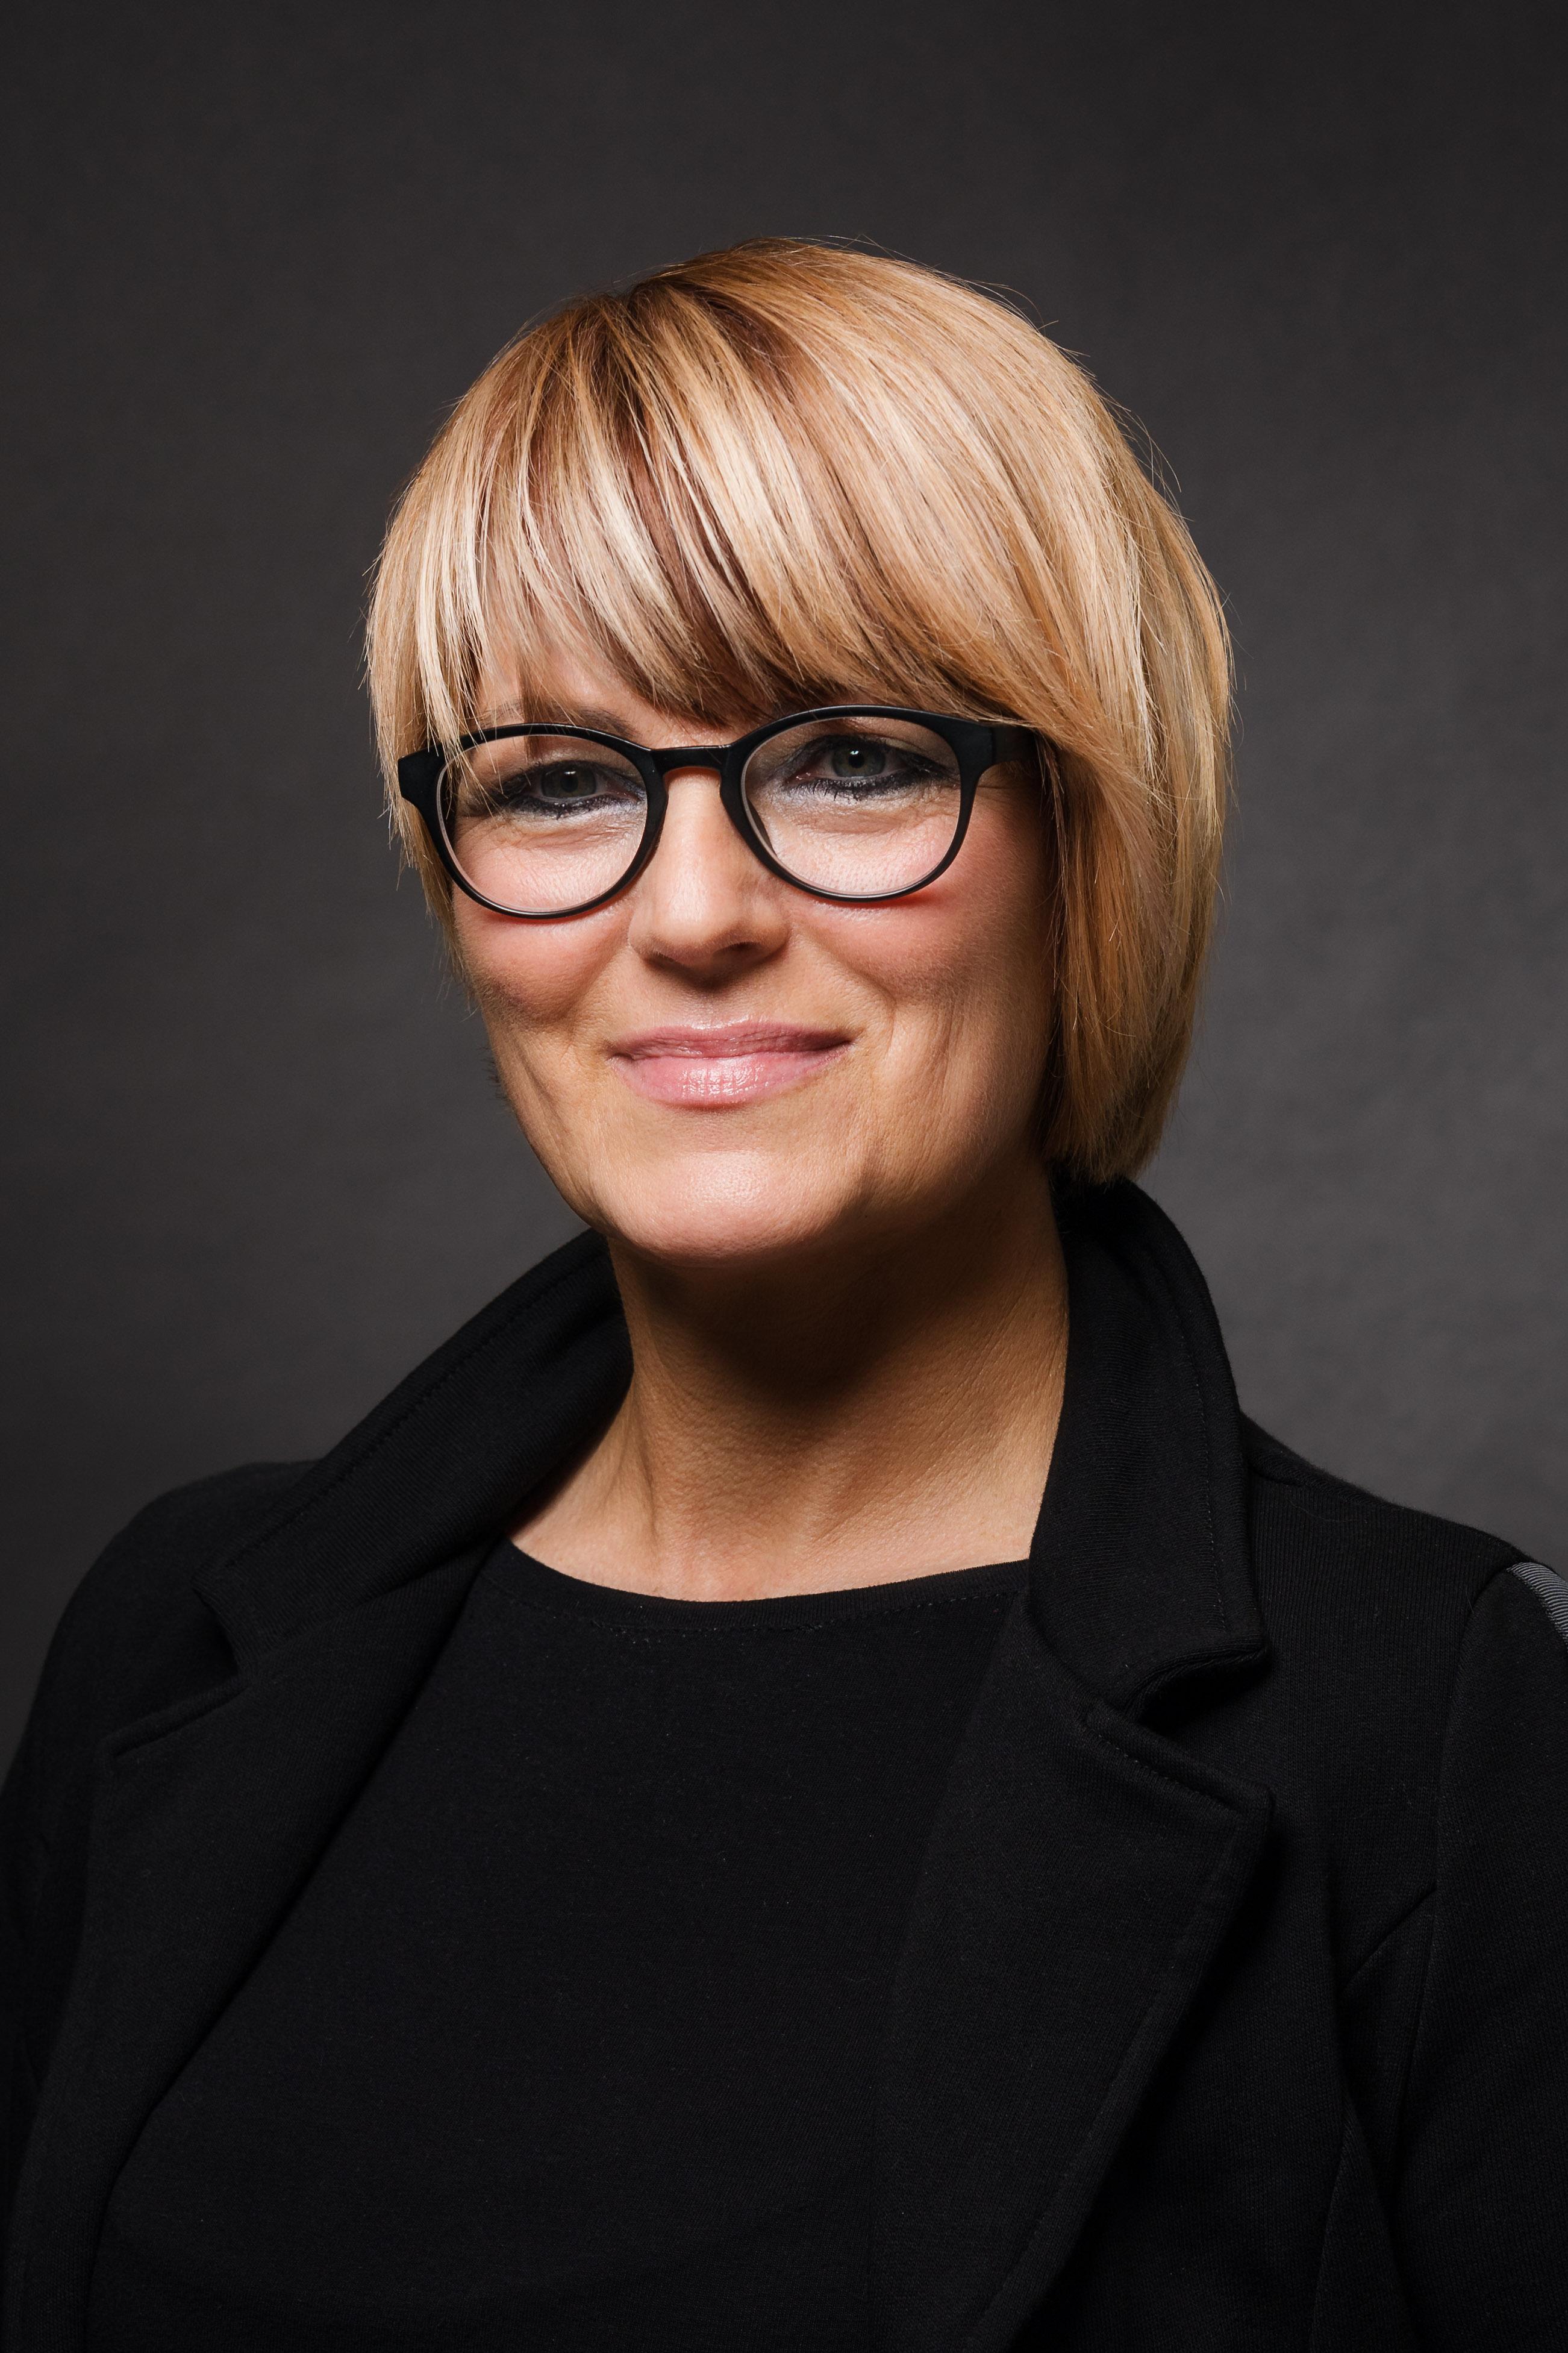 Simone Schultz